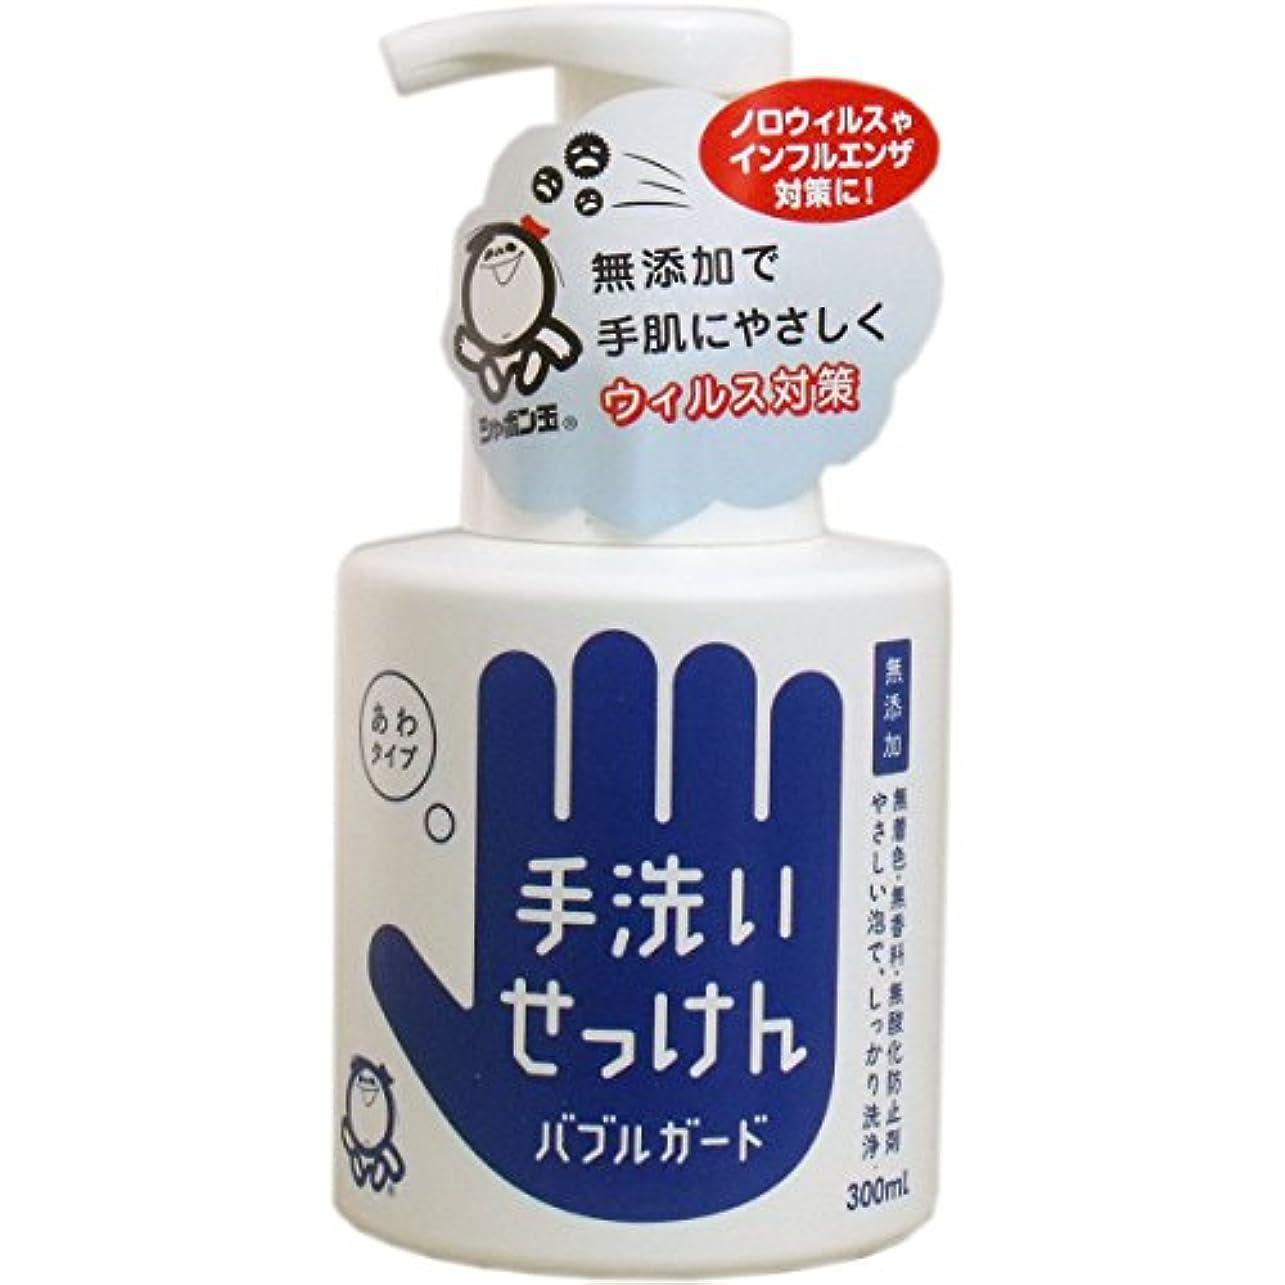 浸漬ルールジョブシャボン玉石けん 手洗いせっけん バブルガード 本体 300ml 1本